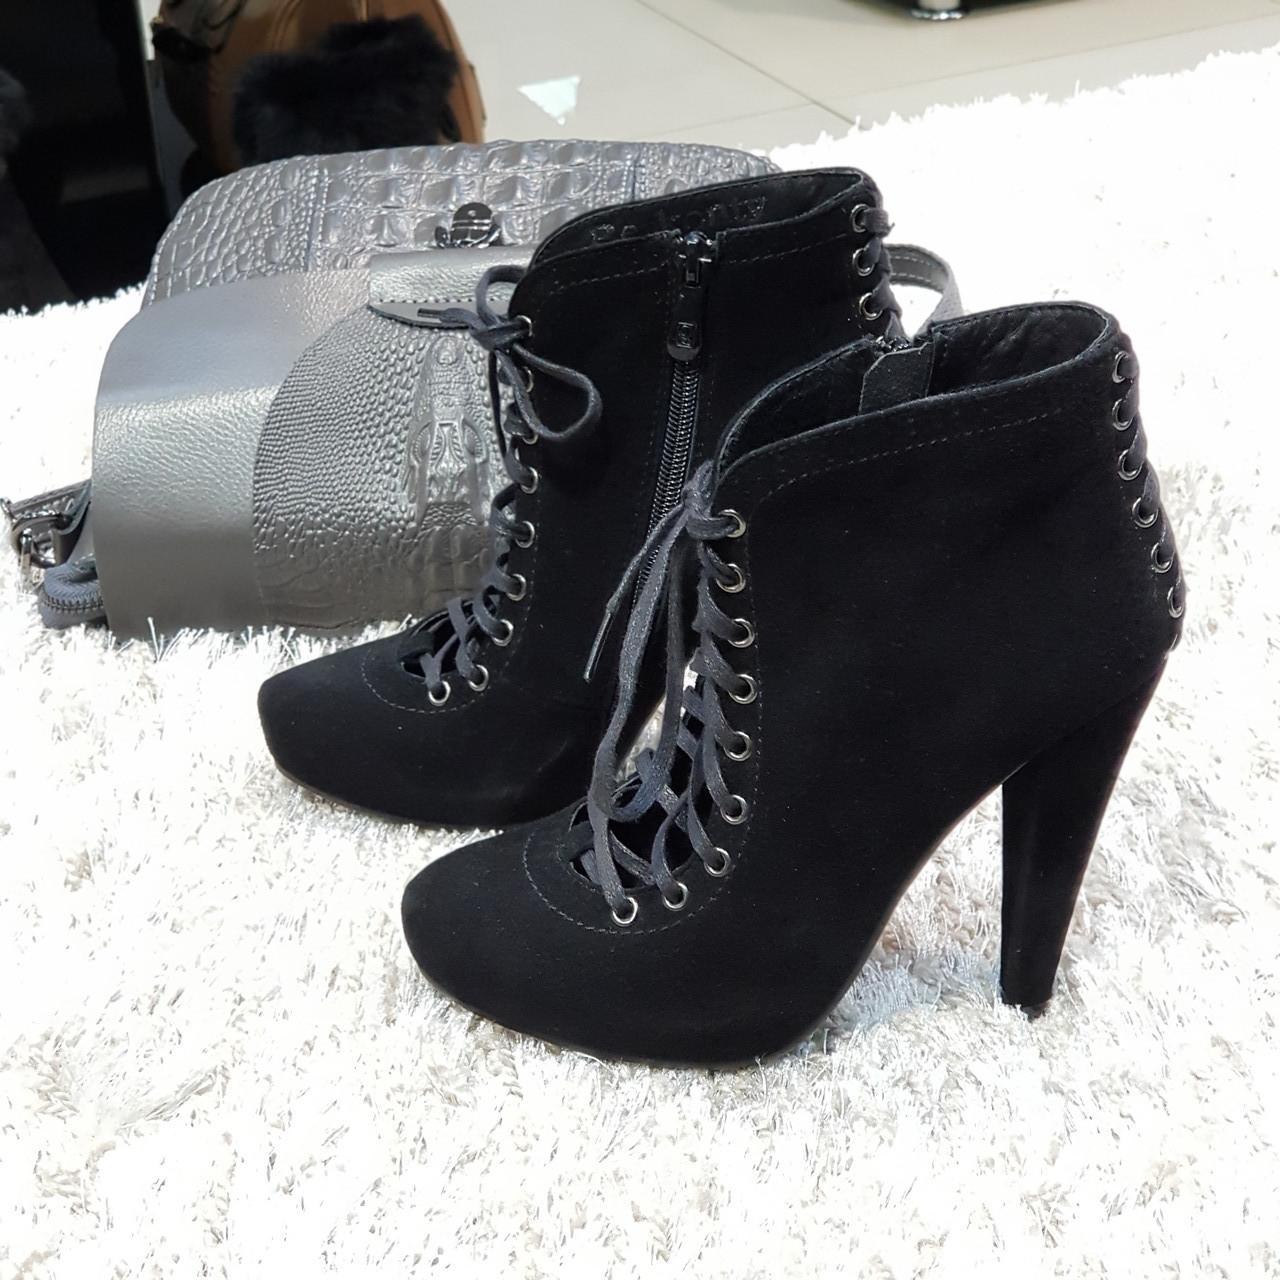 Ботинки женские демисезонные весна-осень из натуральной замши на каблуке черные 35